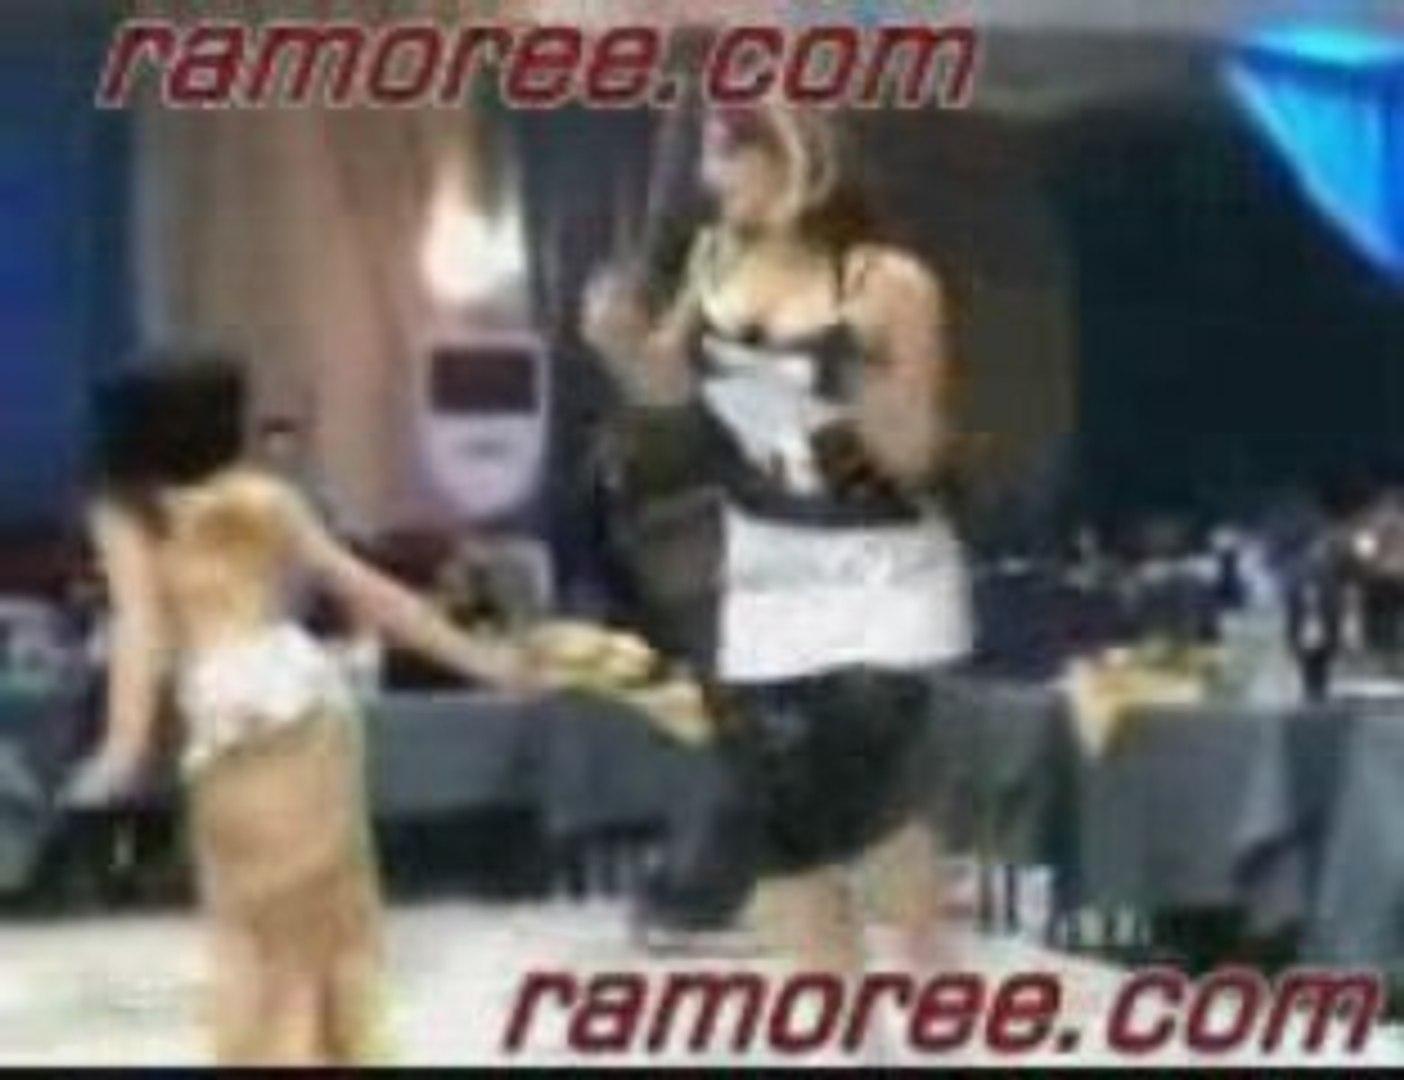 رقص خليجي - رقص دلع www.ramoree.com